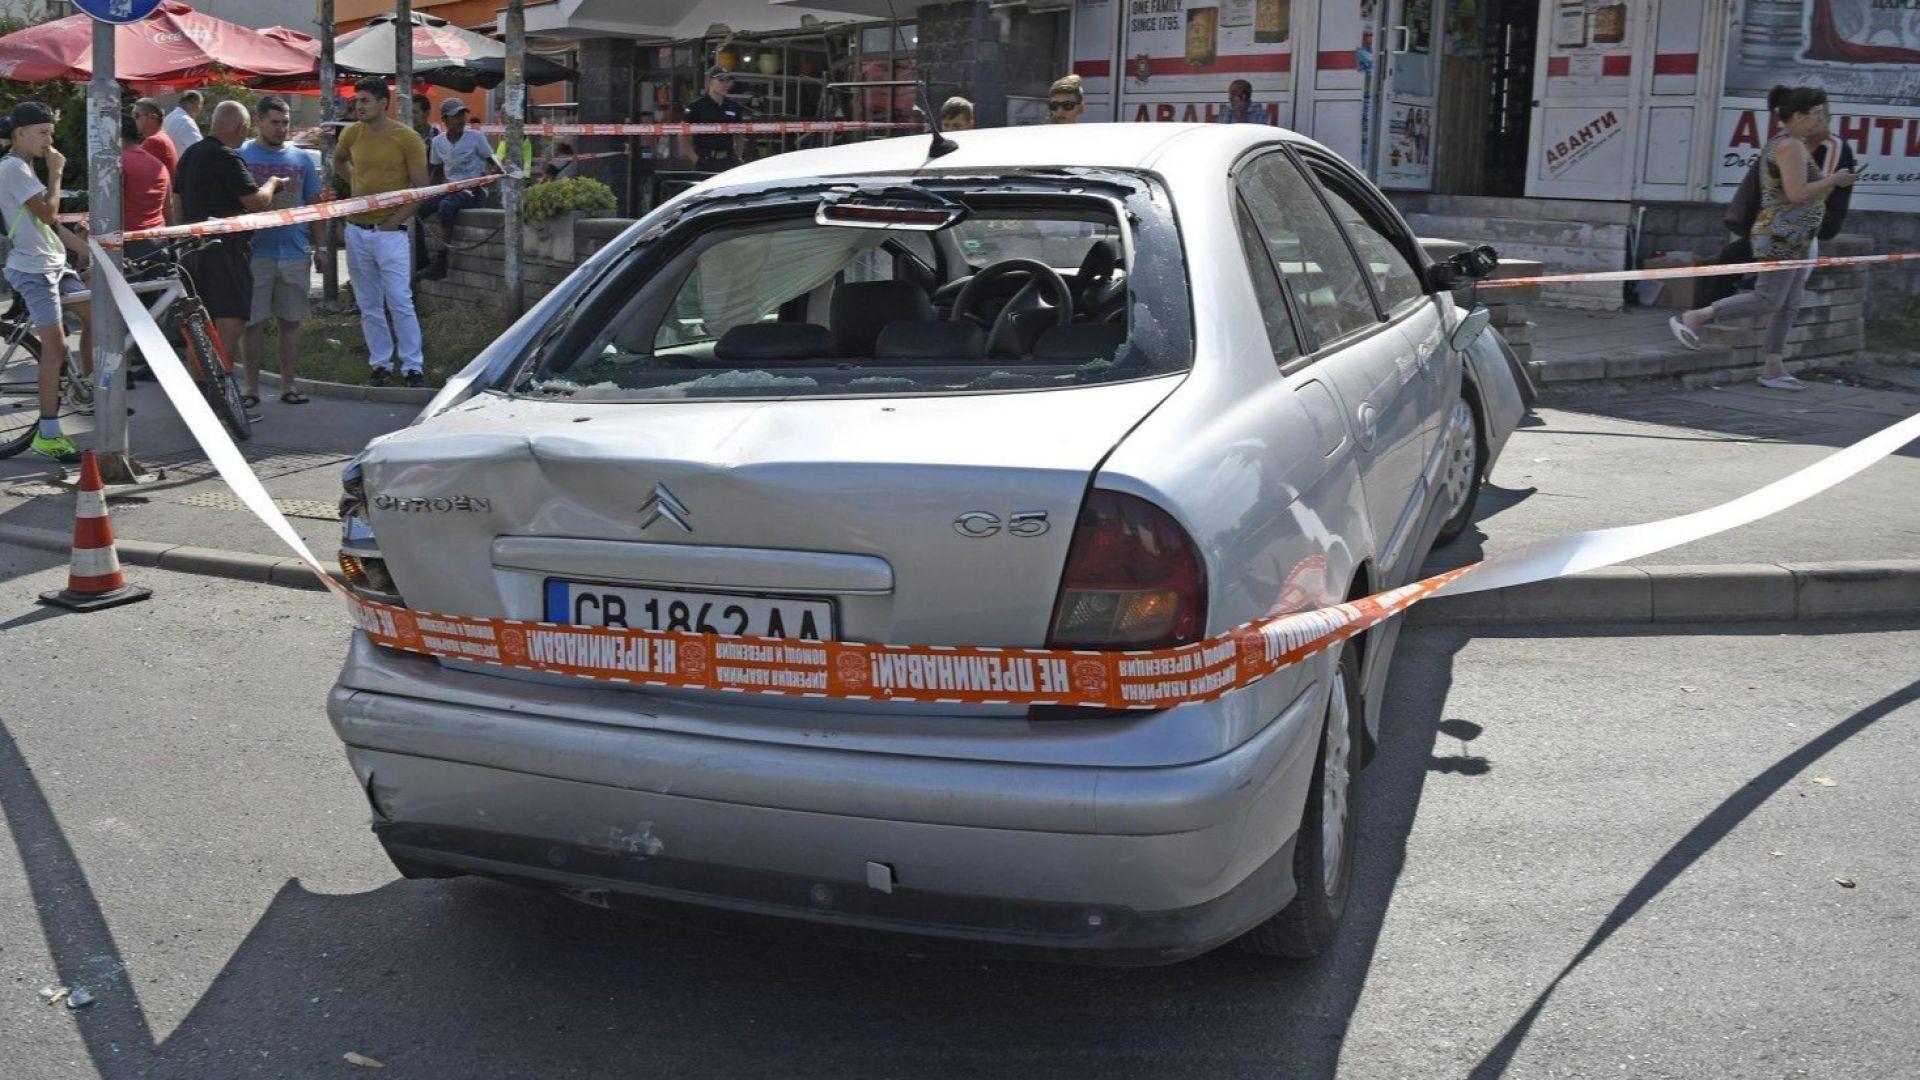 Шофьорът, който рани 4-ма в търговски център, бил с 2,8 промила алкохол